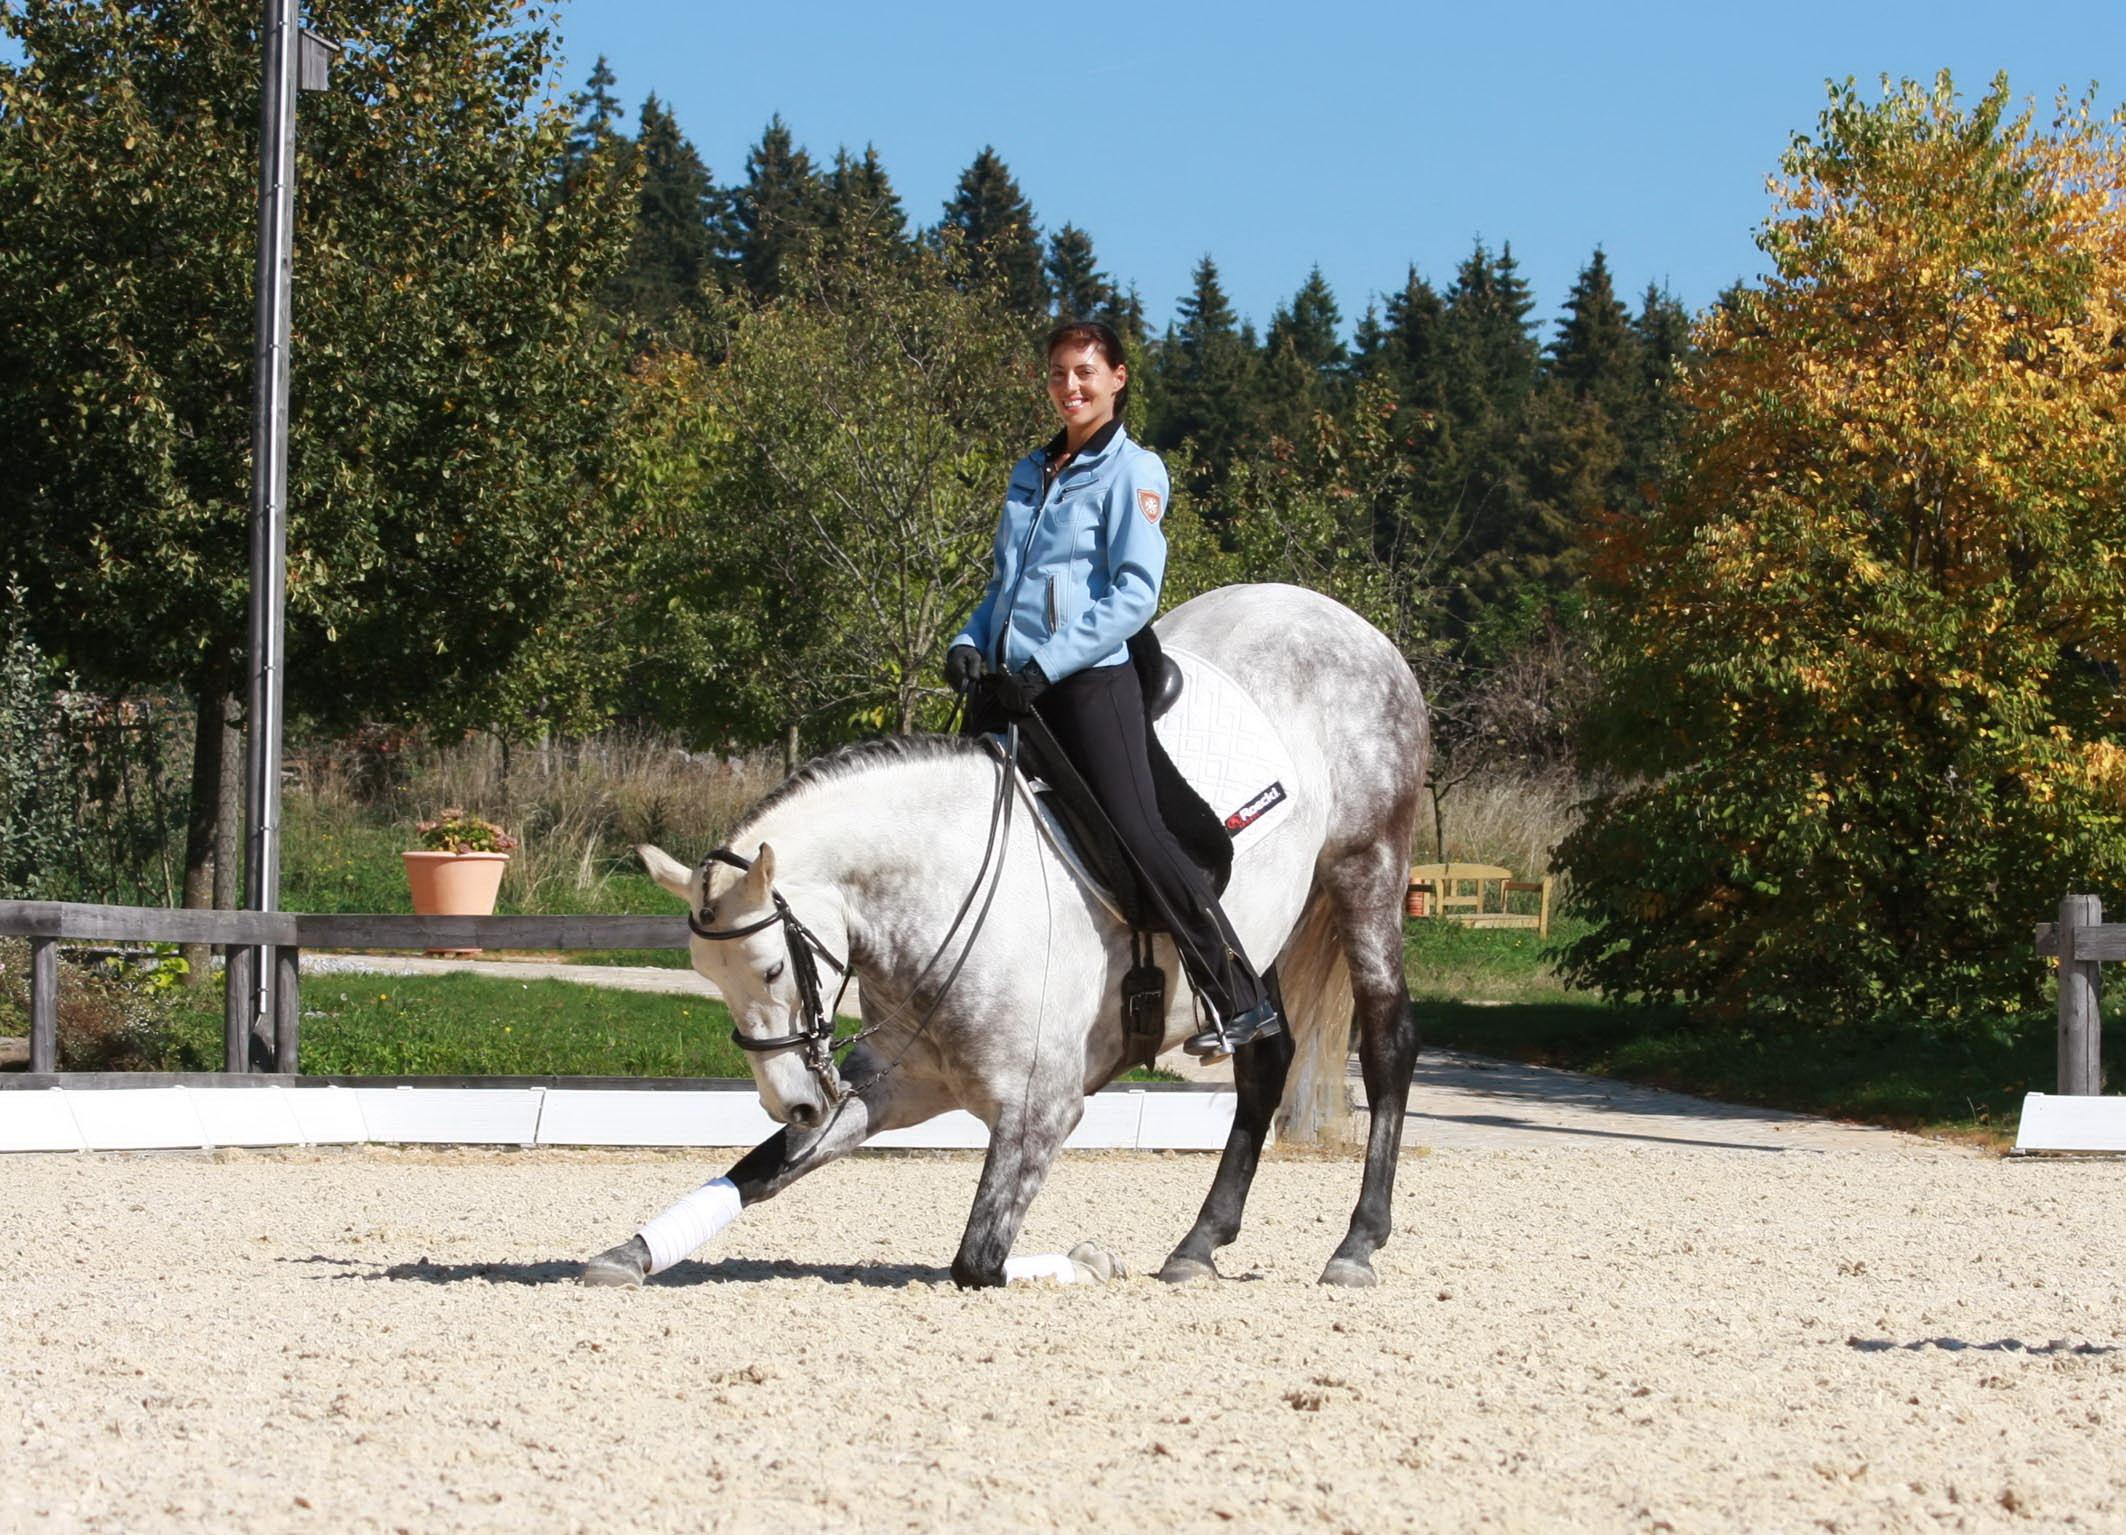 Аня Беран: надо работать над всеми аспектами своей жизни - фото Xailee, Аня Беран главная Интервью , конный журнал EquiLIfe